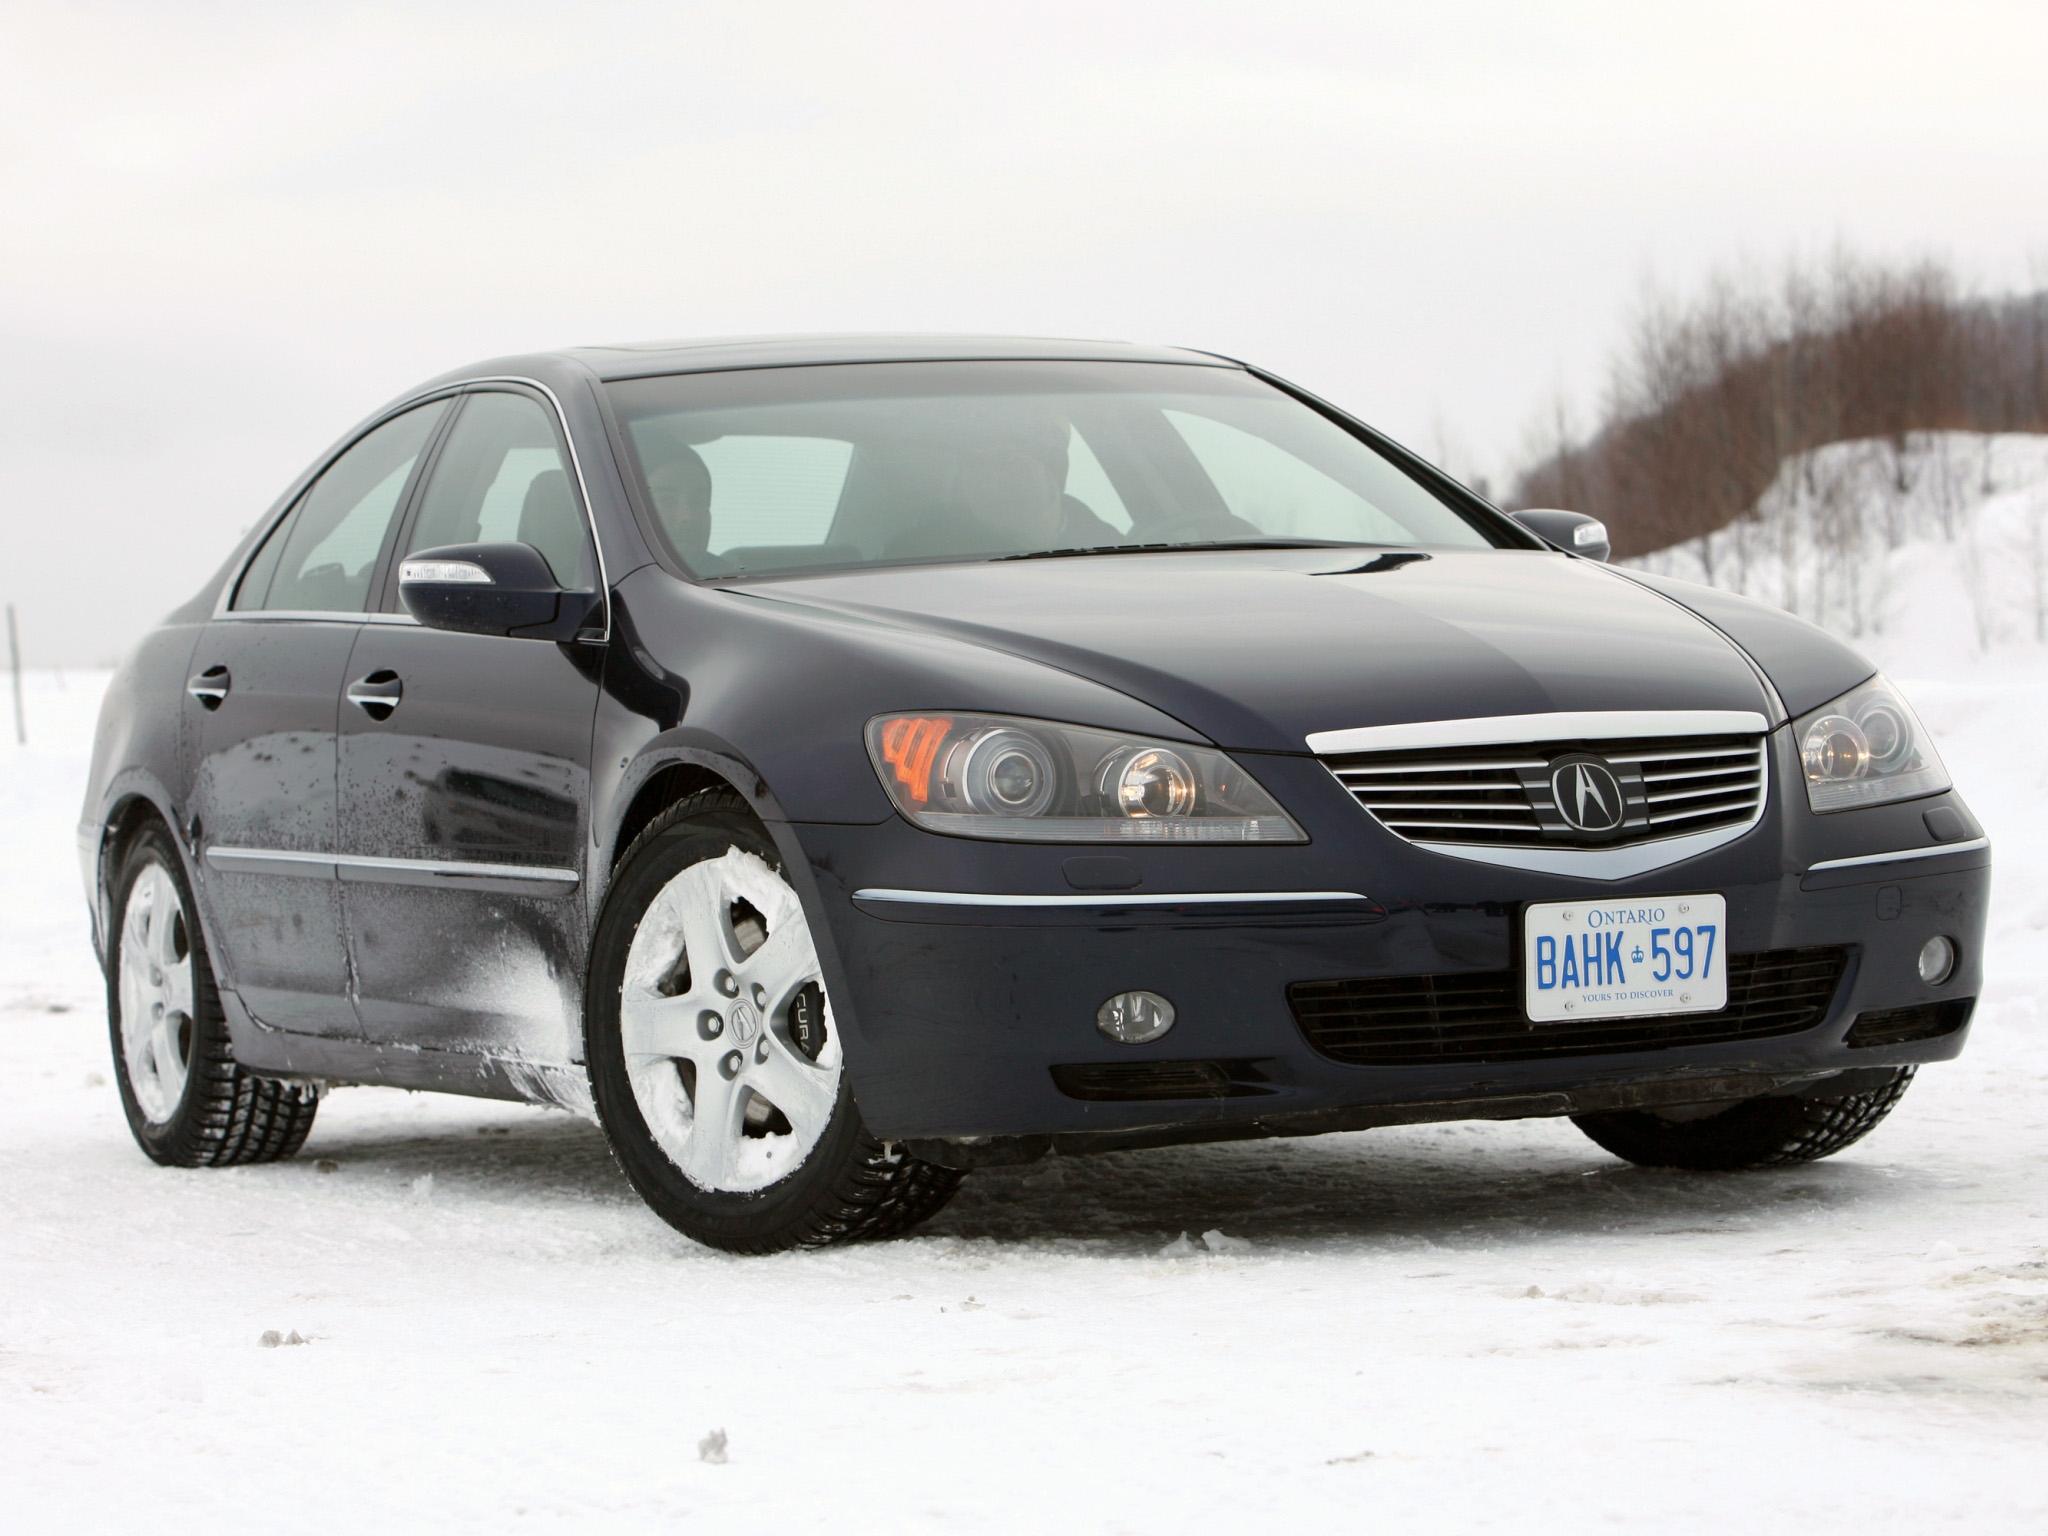 86094 скачать обои Тачки (Cars), Акура (Acura), Rl, Черный, Вид Спереди, Акура, Машины, Снег, Стиль - заставки и картинки бесплатно